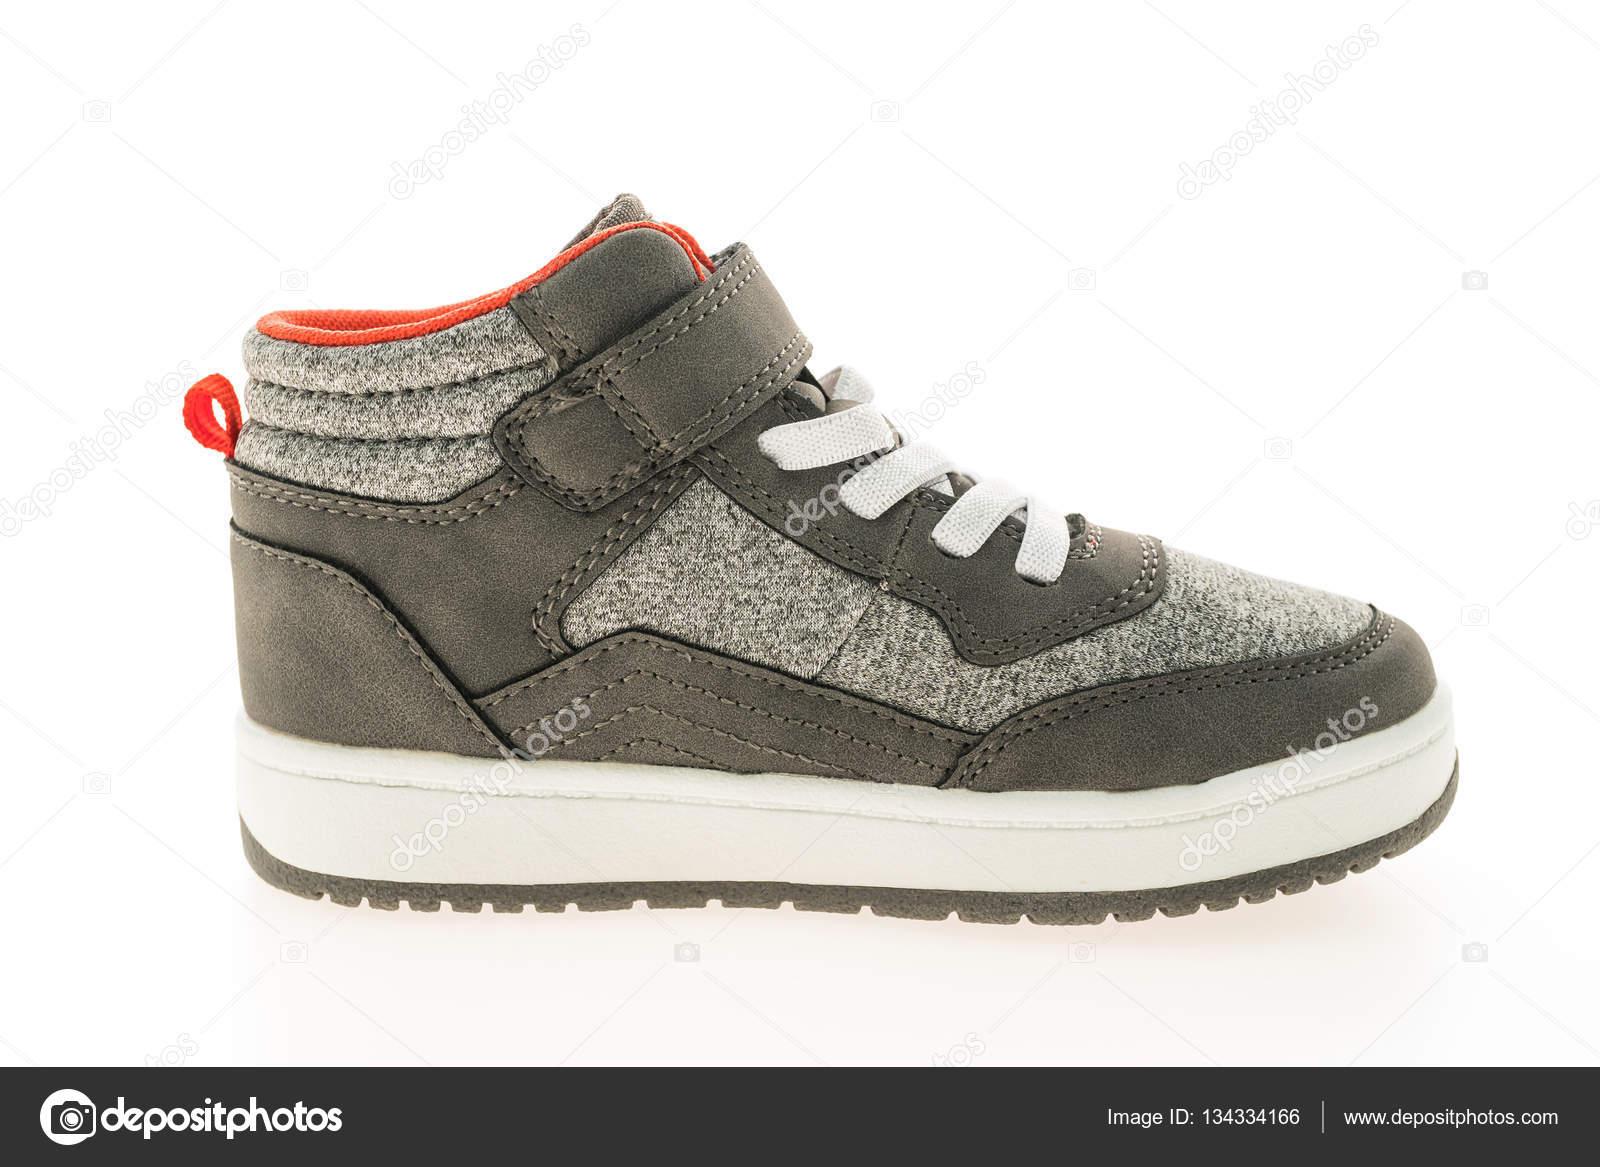 c93a51f49a2 Μόδα παπούτσια και αθλητικά — Φωτογραφία Αρχείου © mrsiraphol #134334166